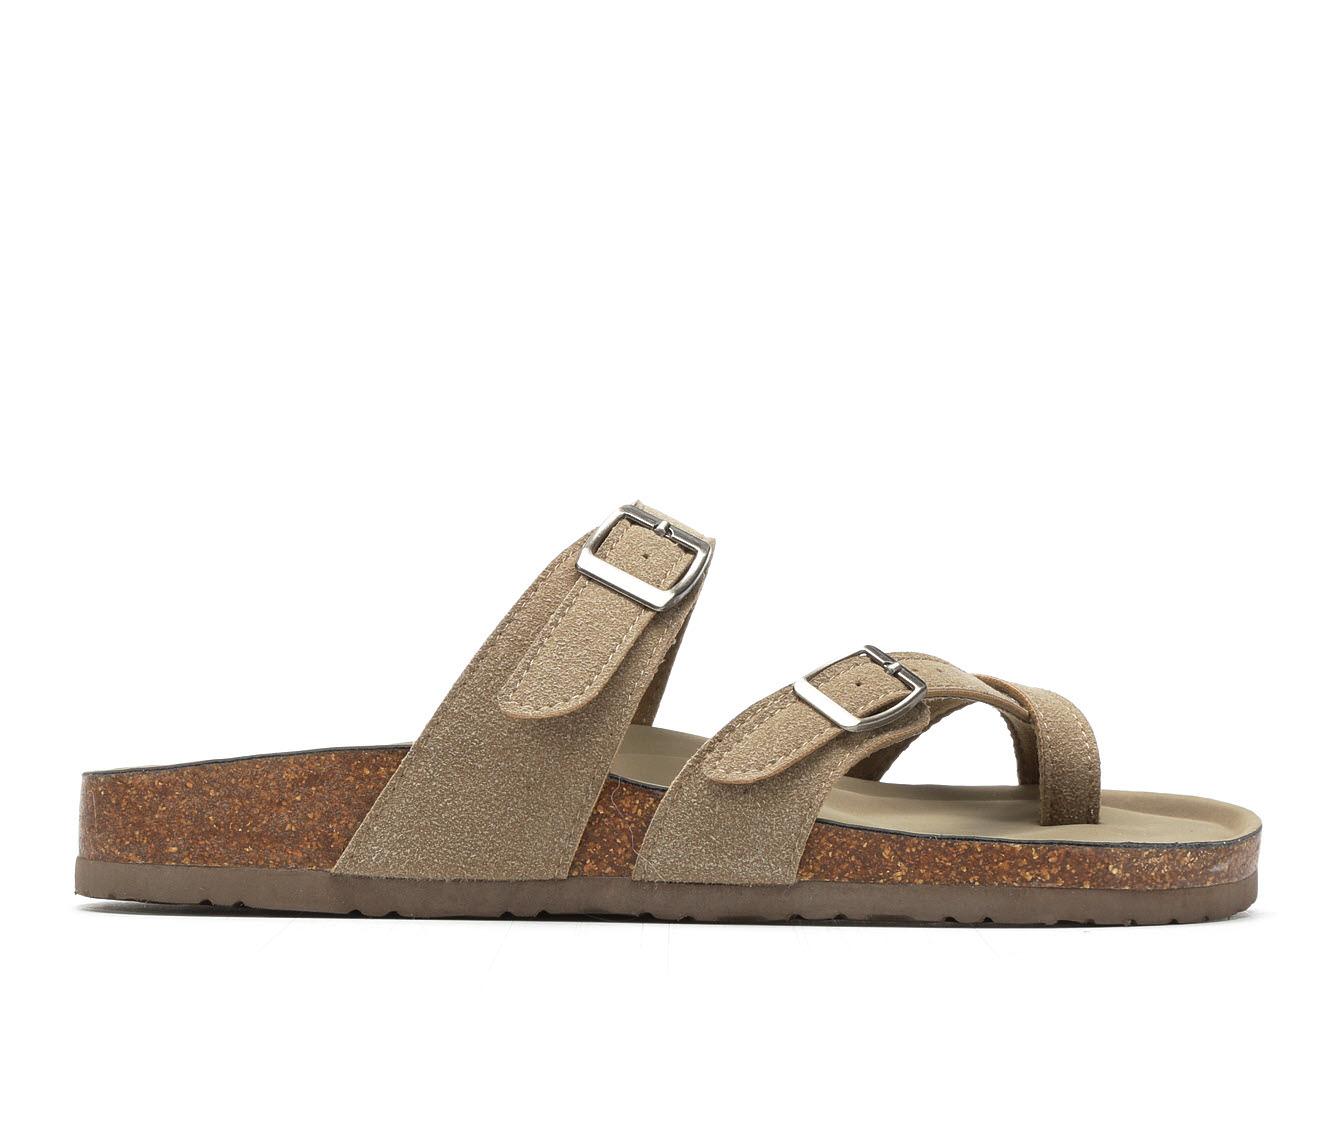 Women's Madden Girl Bryceee Sandals (Beige)